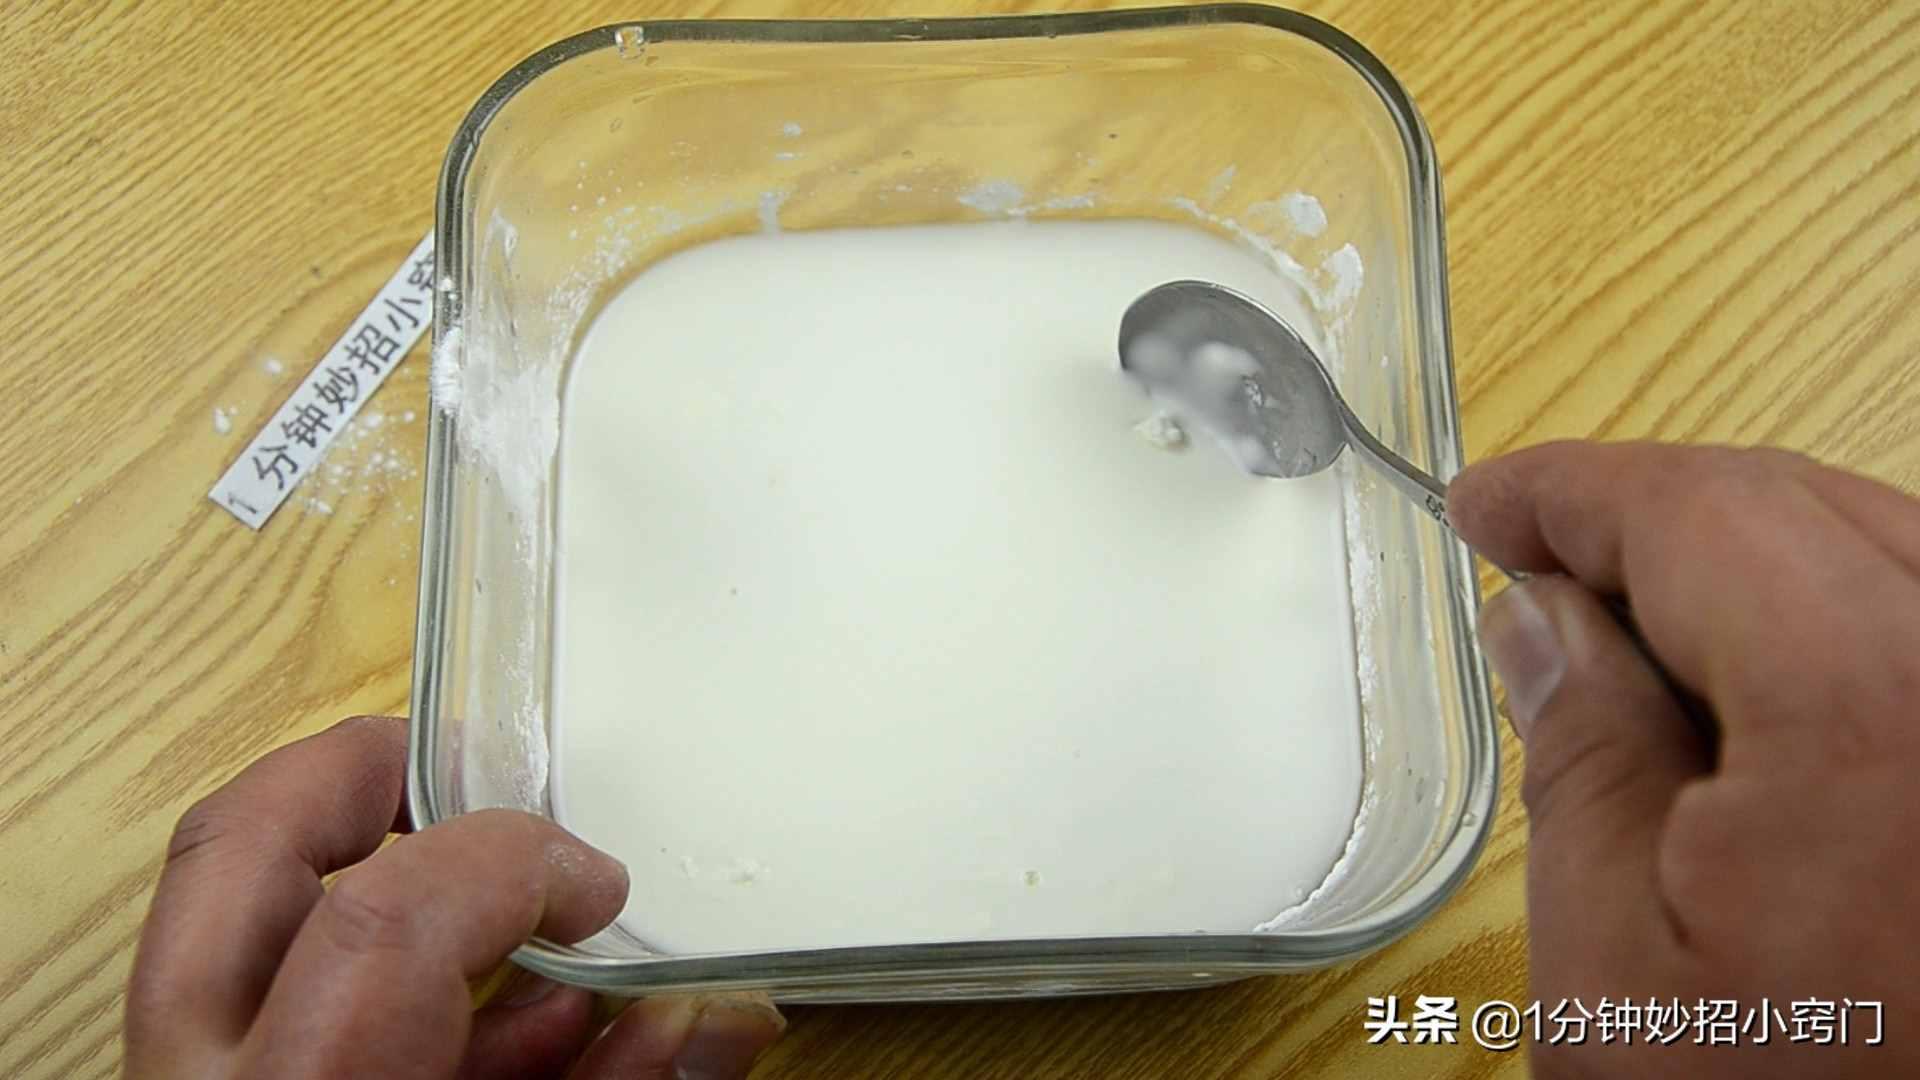 生粉和淀粉到底有什么区别?看了以后才了解,搞错了会坏掉一锅菜